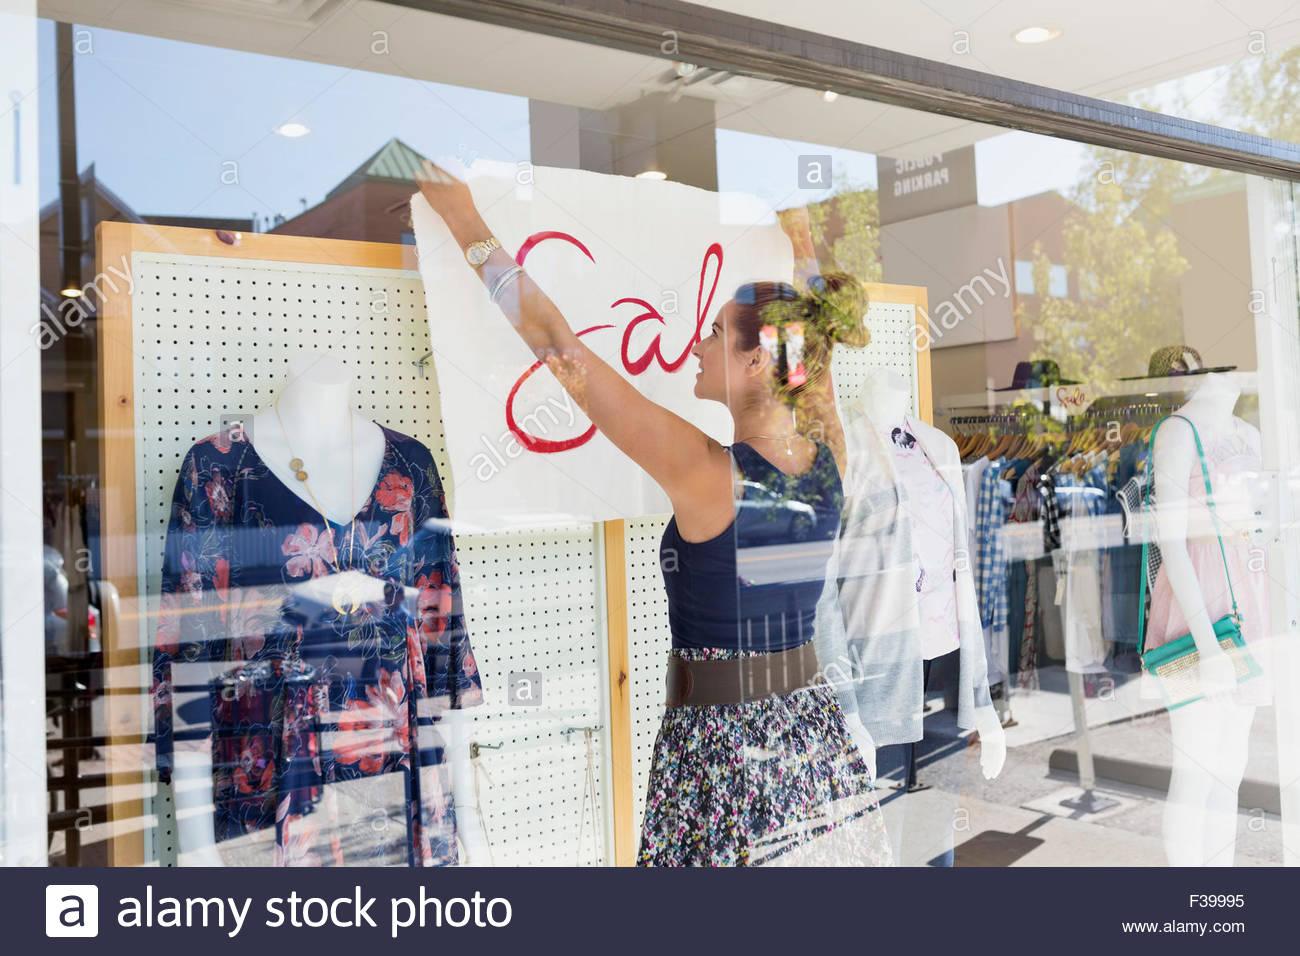 Lavoratore appeso vendita segno negozio di abbigliamento finestra Immagini Stock